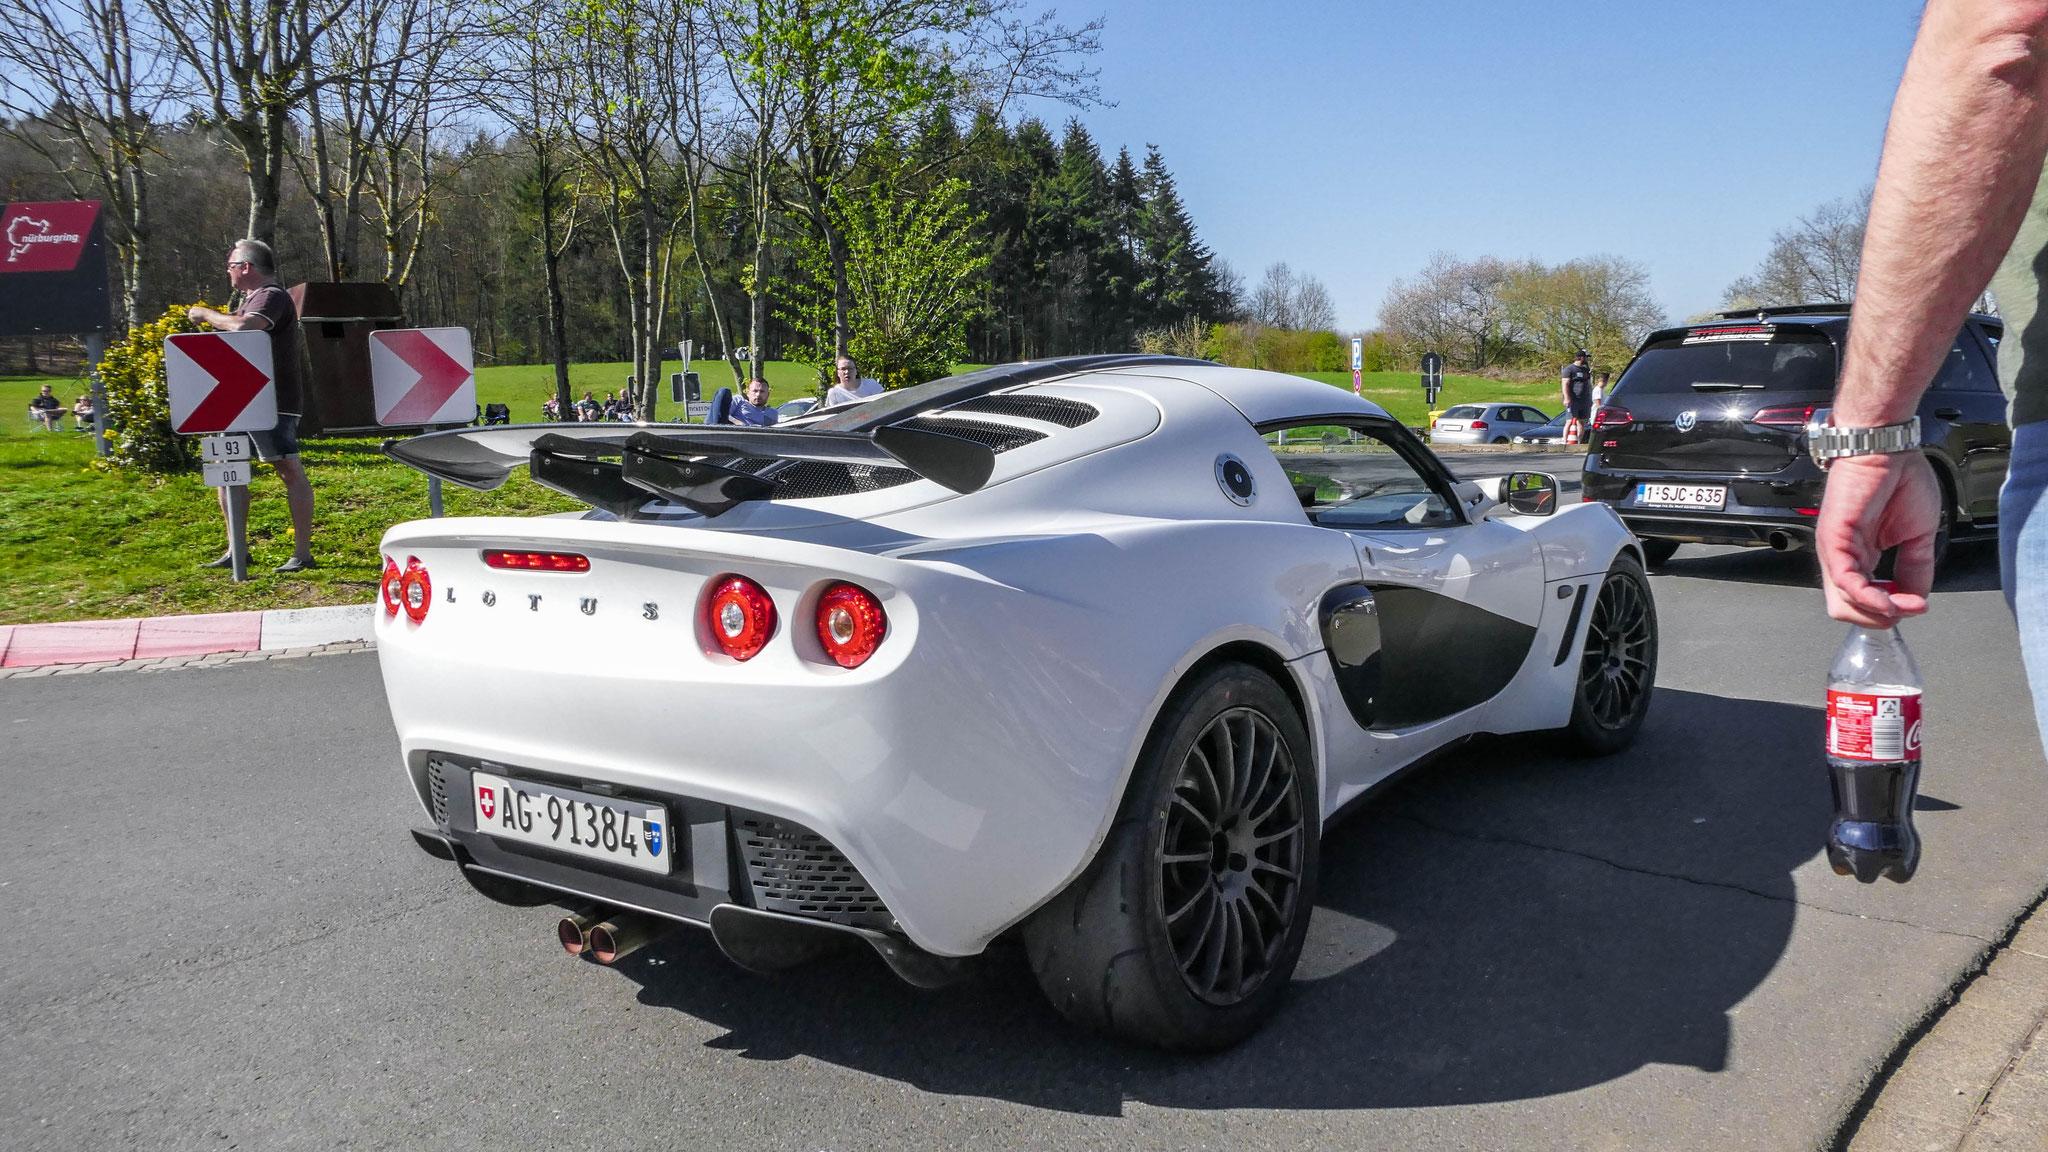 Lotus Exige - AG-91384 (CH)